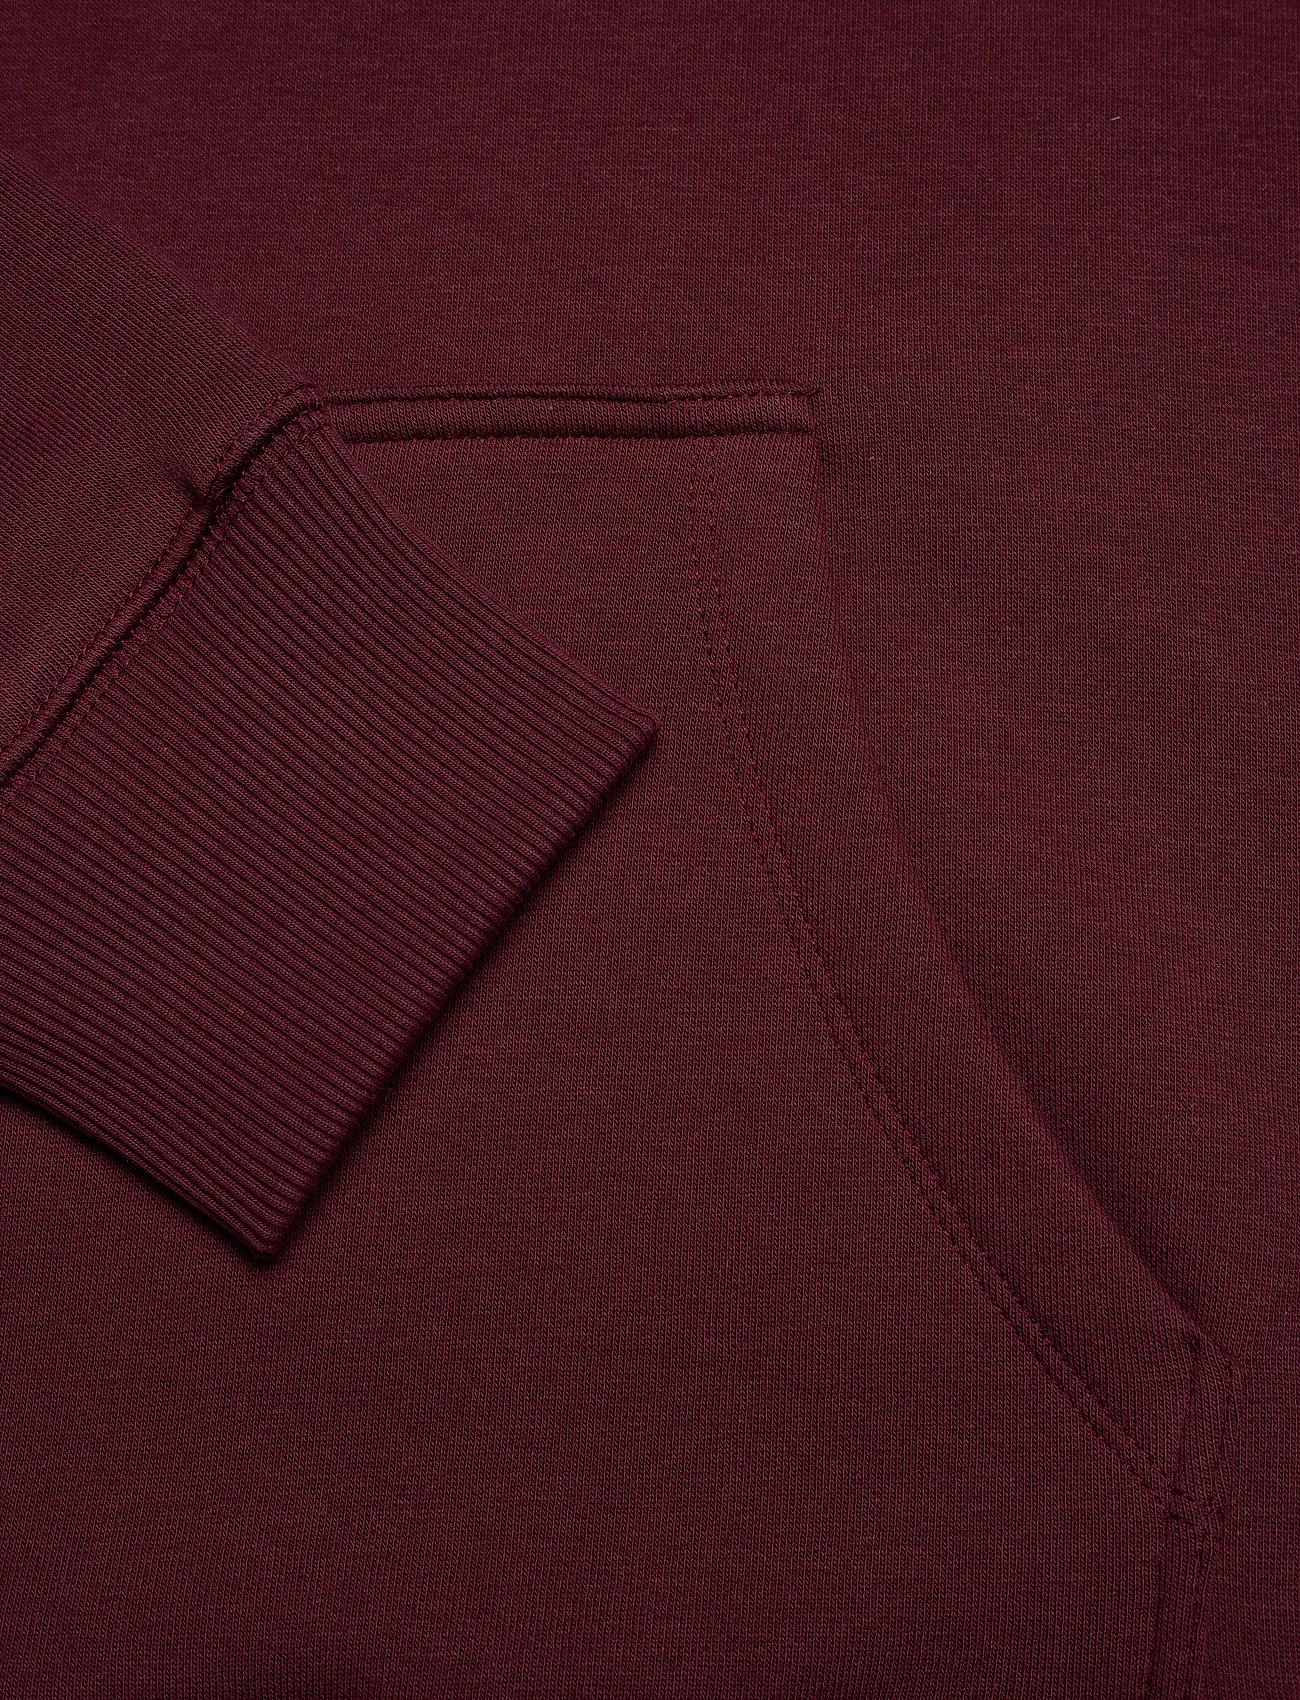 Soulland - Googie hoodie - hoodies - burgundy - 5